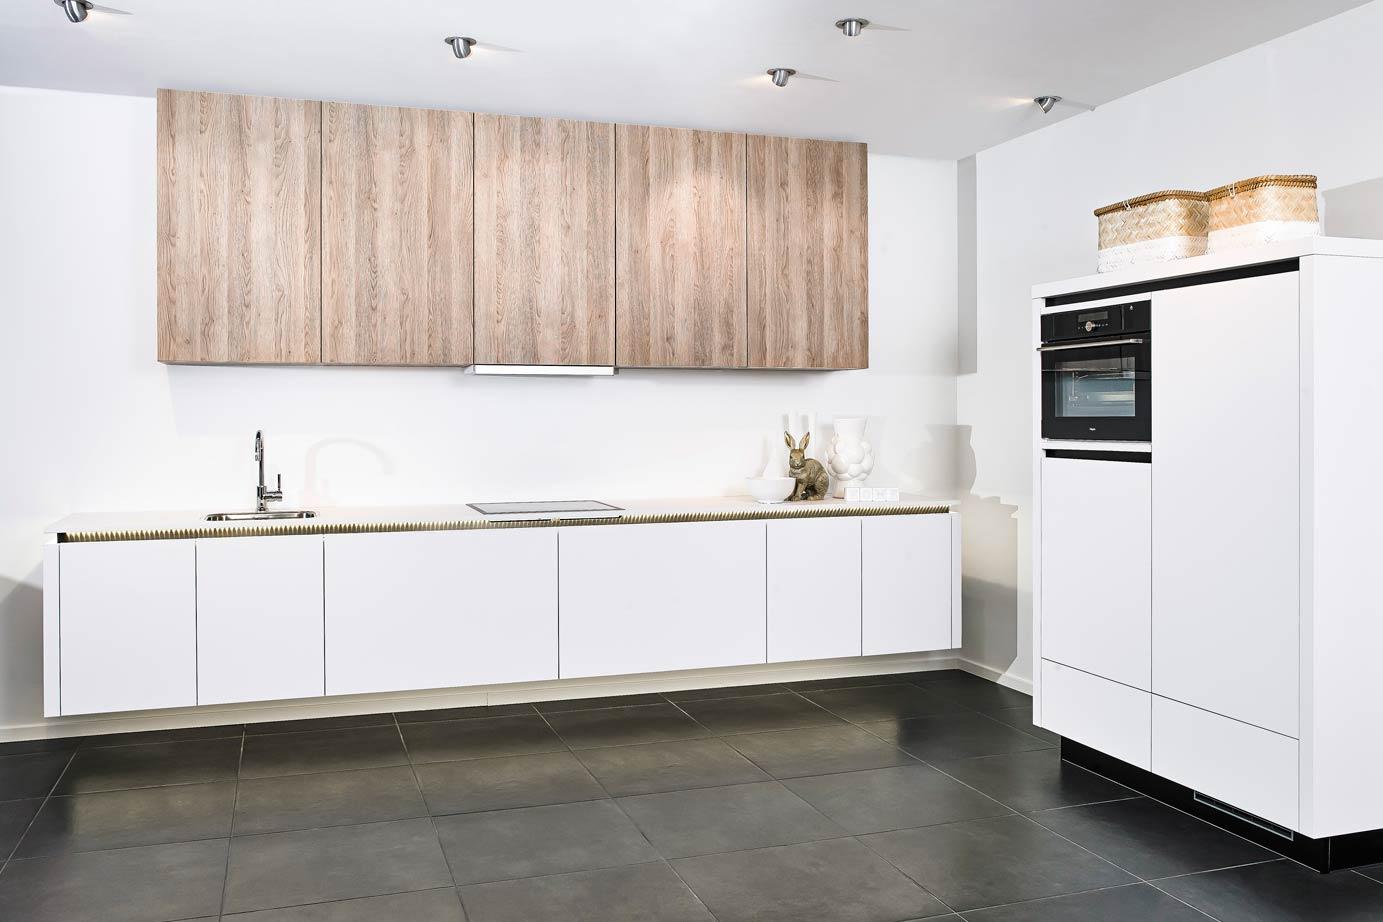 Ikea keuken zonder front referenties op huis ontwerp interieur